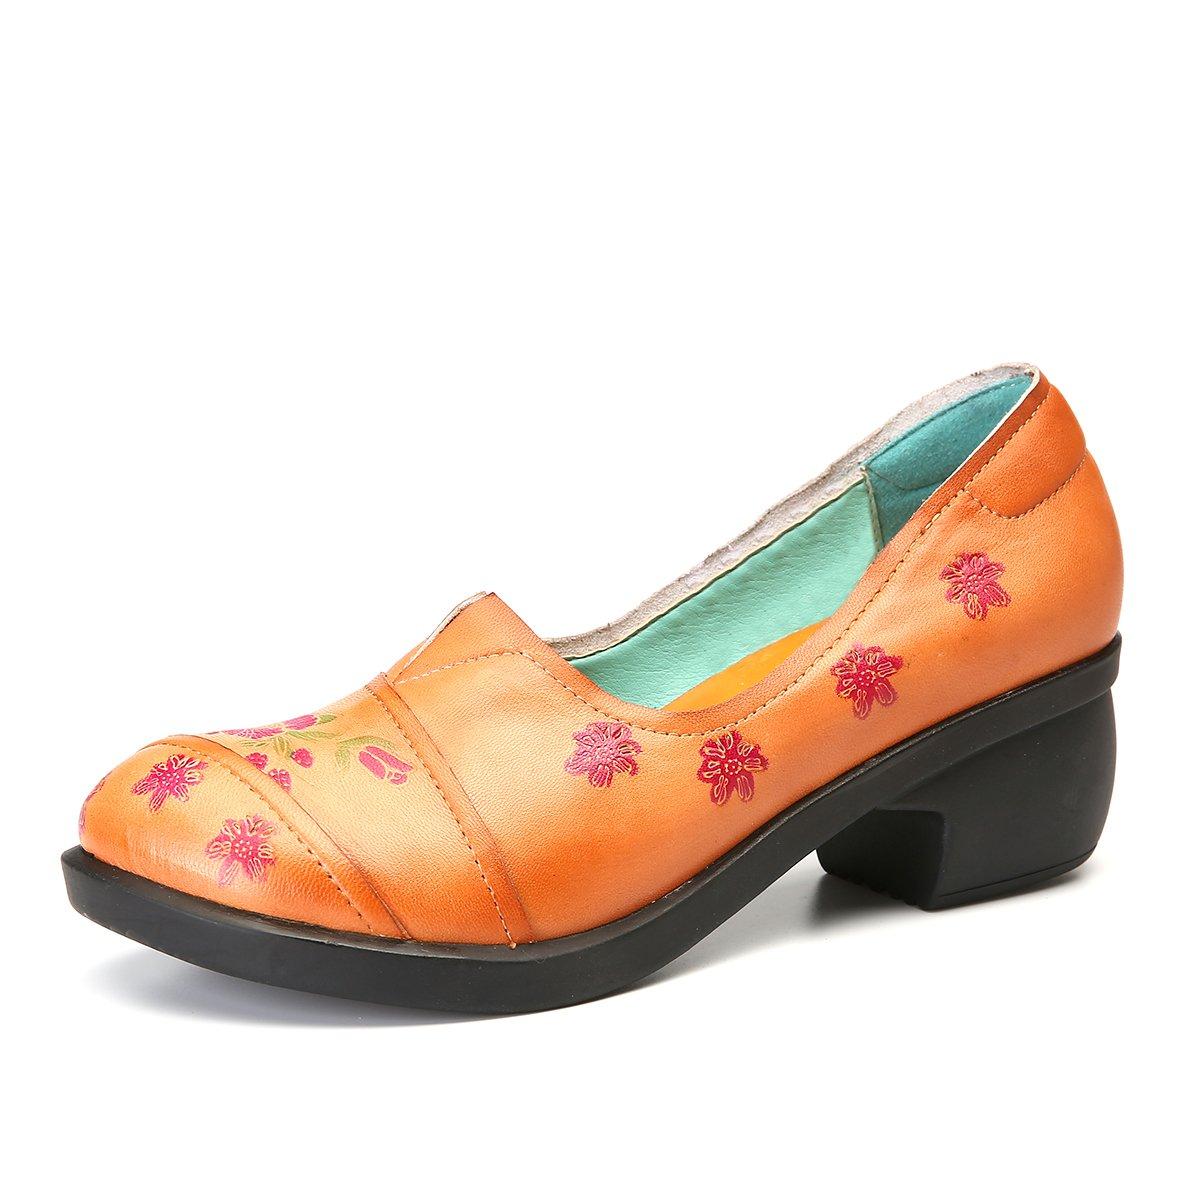 gracosy Mocasines Zapatos para Mujer de Cuero Calzado Tacón Medio de cuña de Punta Redonda Hechas a Mano Caminando al Aire Libre Casual Suela Suave Corte de ...